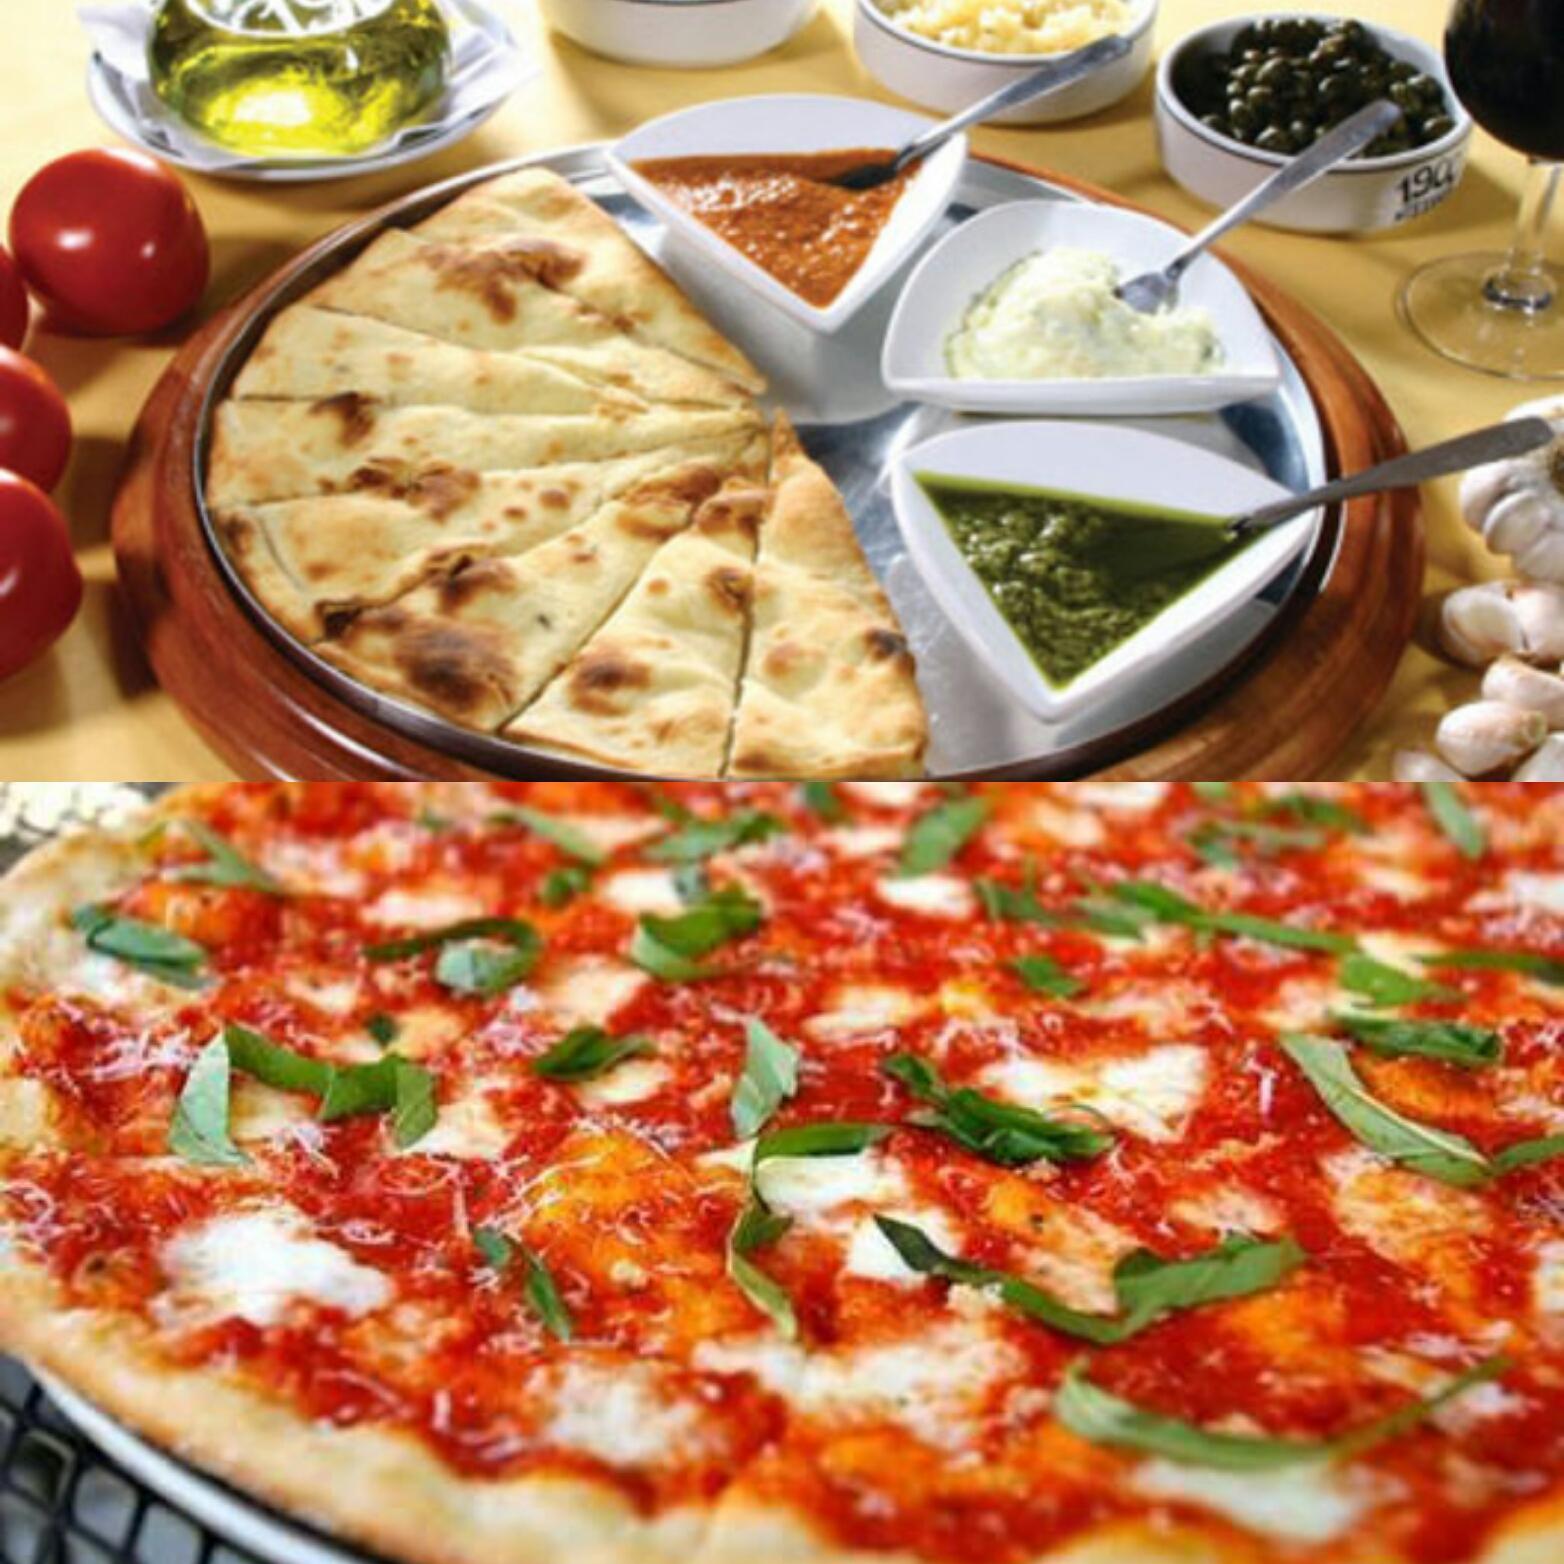 1900-pizzaria-dicas-programas-a-dois-fim-de-semana-sao-paulo-por-ai-um-cafe-pra-dois